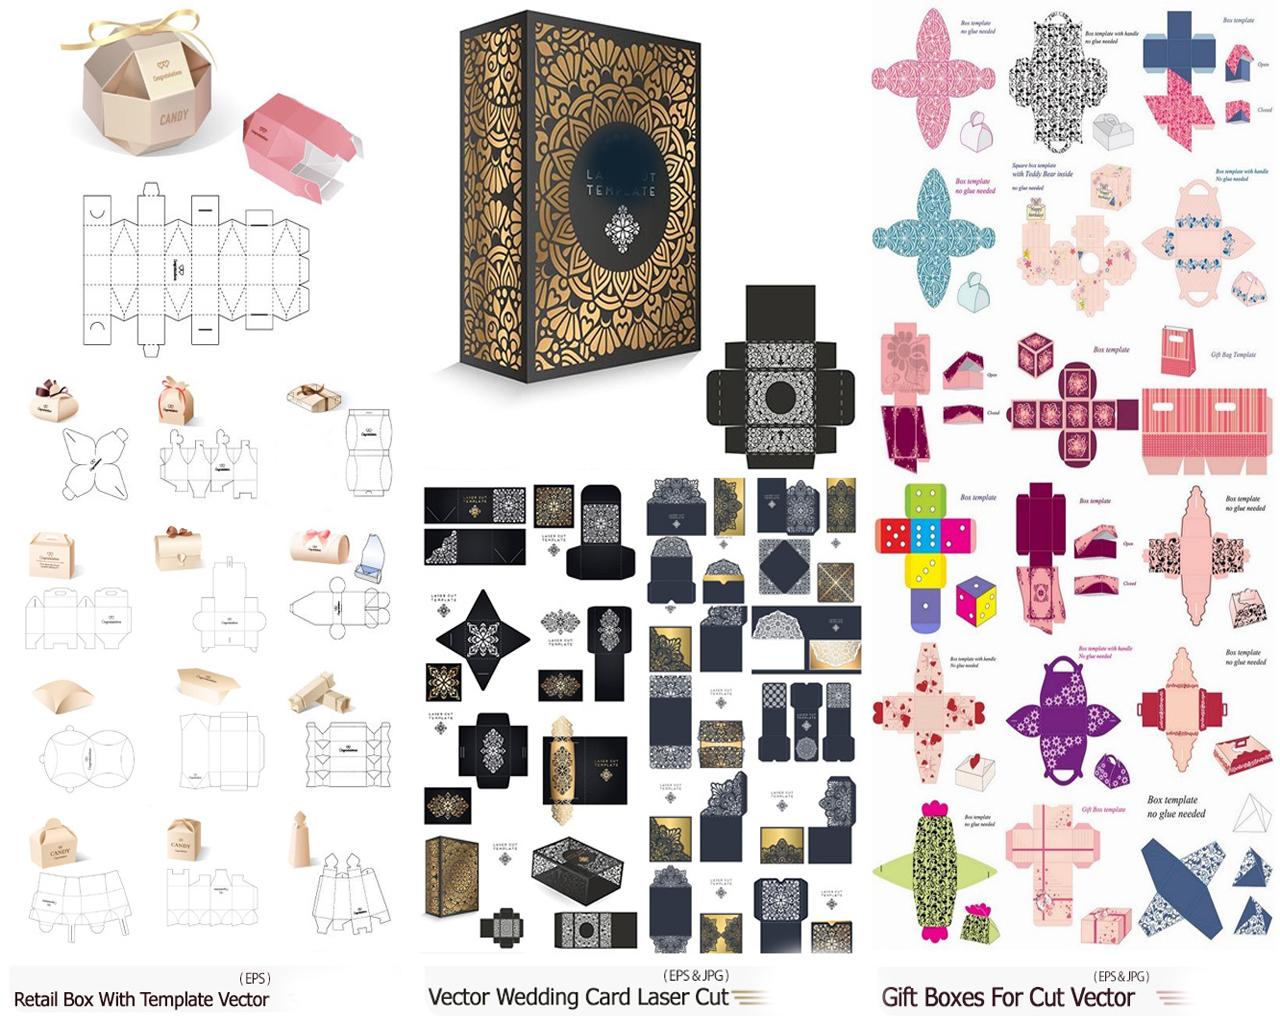 تصميمات ومختطات علب هدايا وعلب منتاجات جاهزة للطباعة والتقطيع